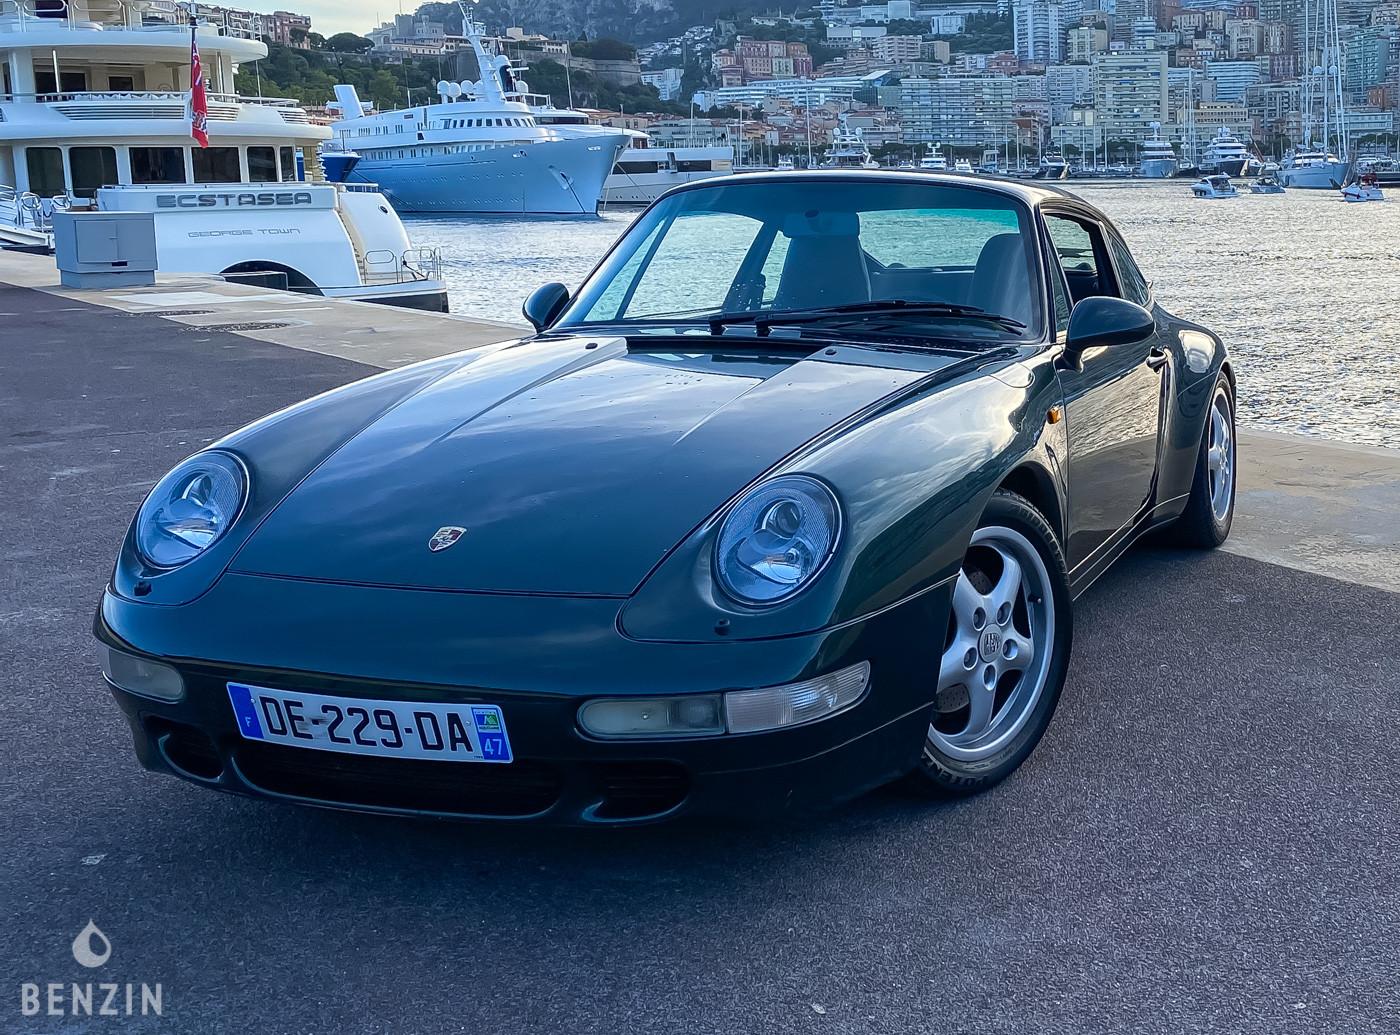 PORSCHE 911 993 CARRERA 2 OCCASION - 1994